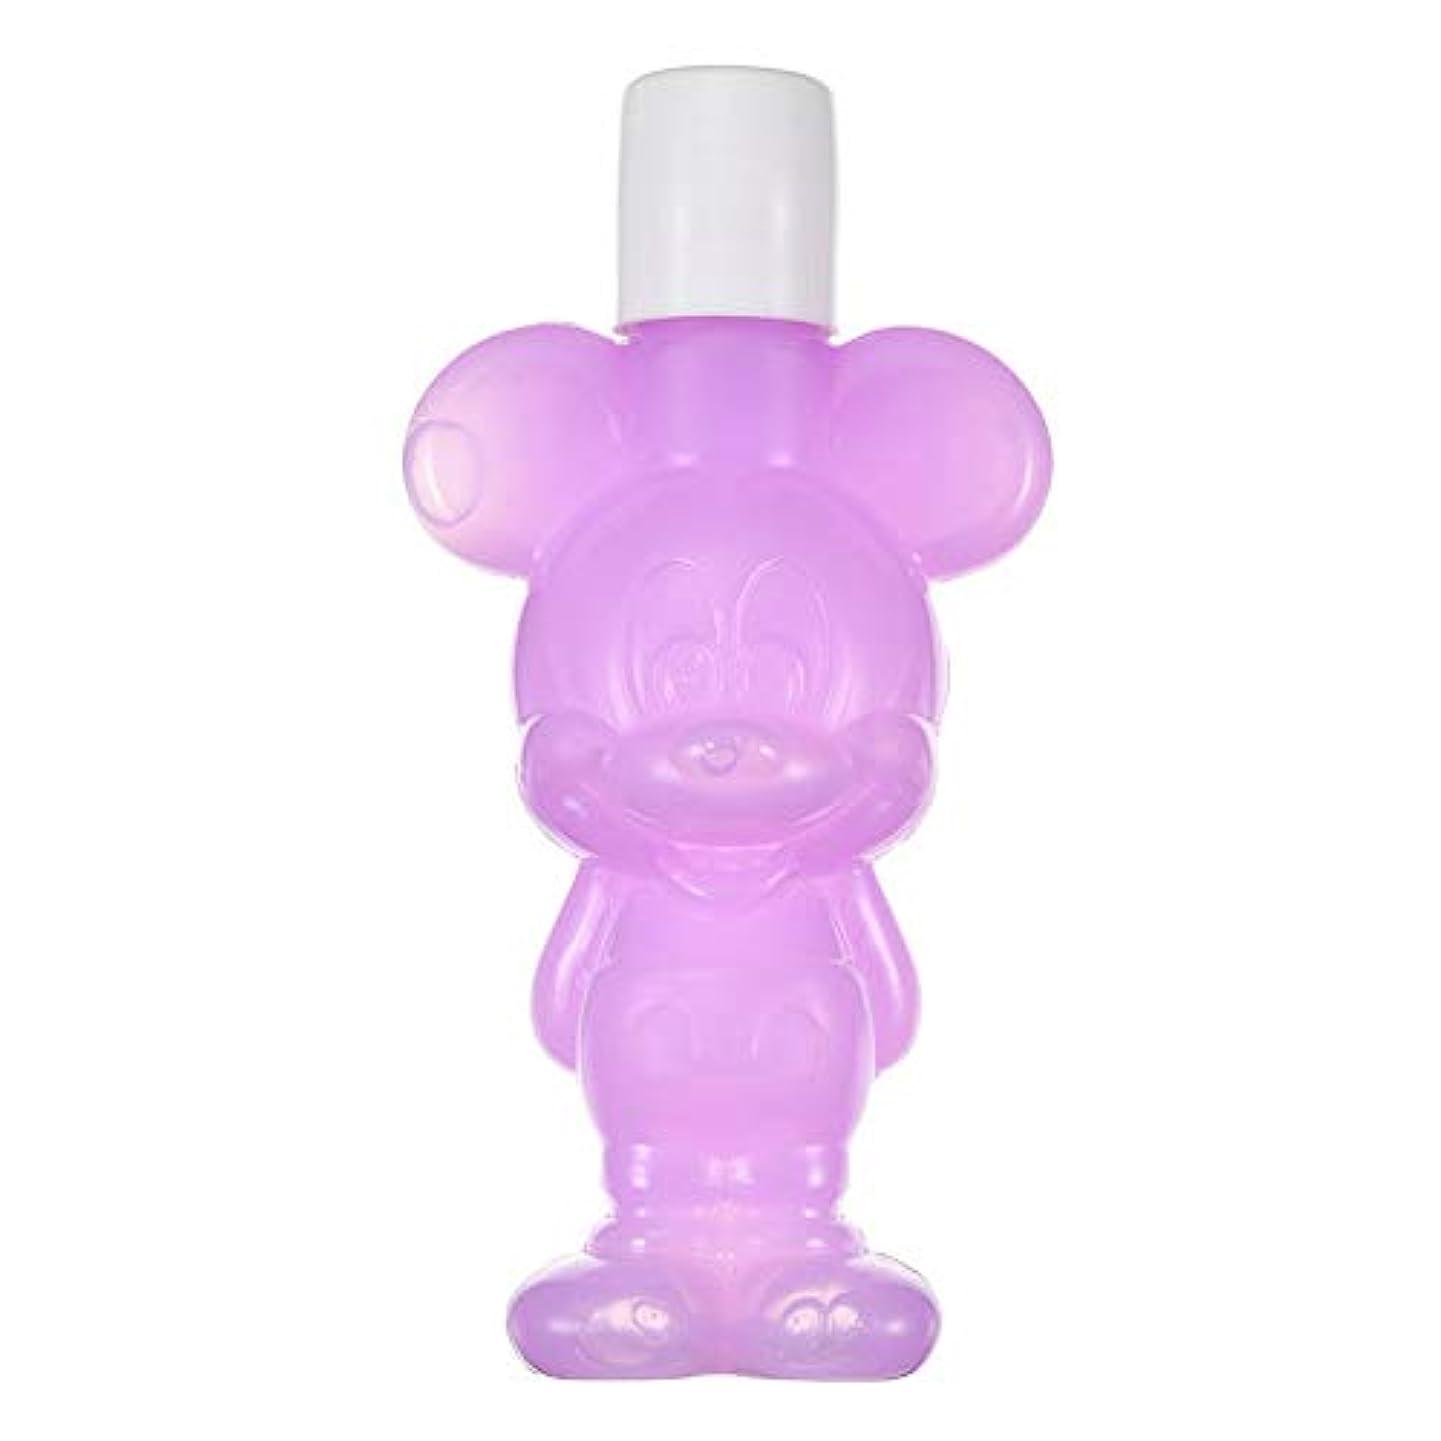 無し恨み卒業記念アルバムディズニーストア(公式)保湿ジェル ミッキー パープル Gummy Candy Cosme